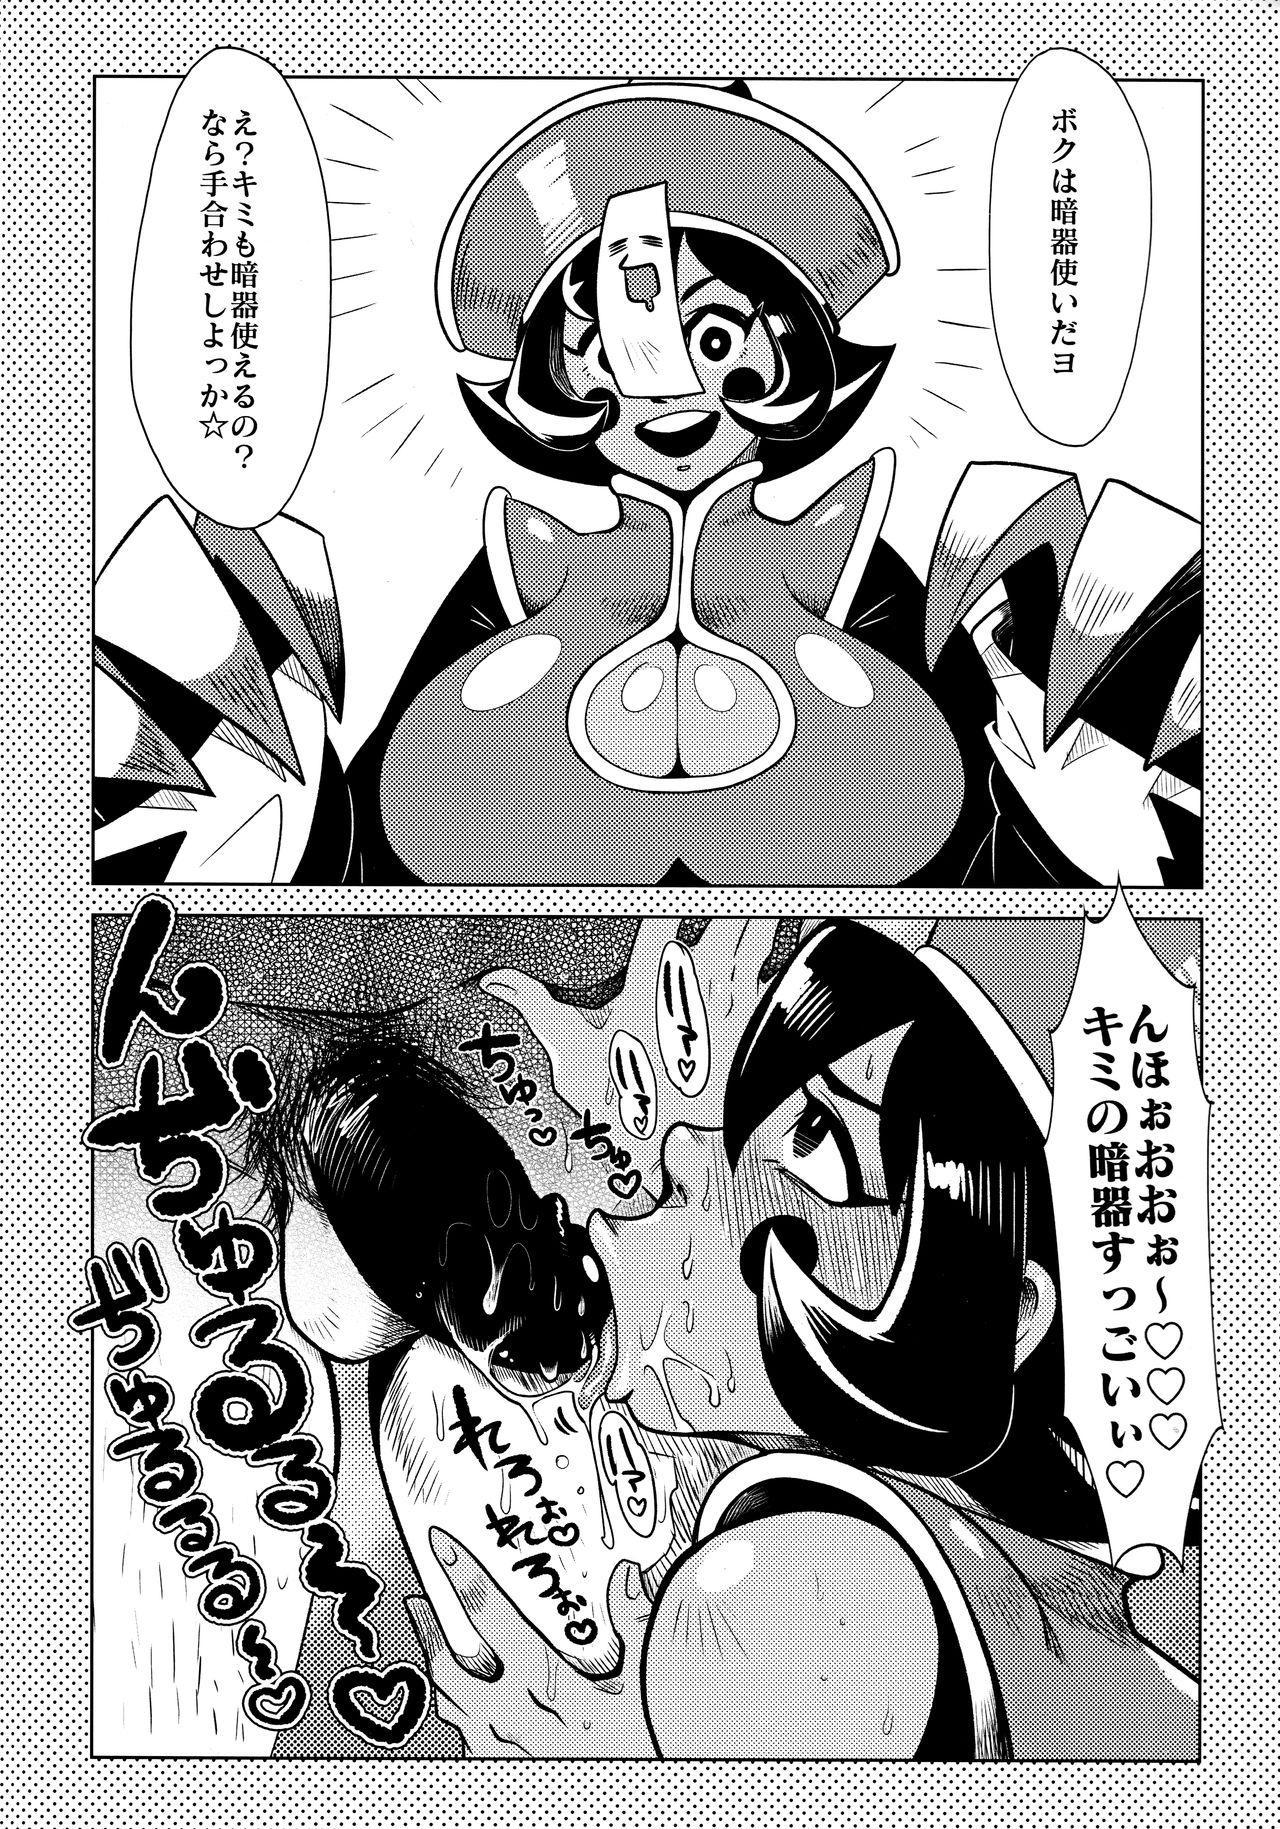 Kaku Geekyara Soku Ochi 2 Koma Hon 3